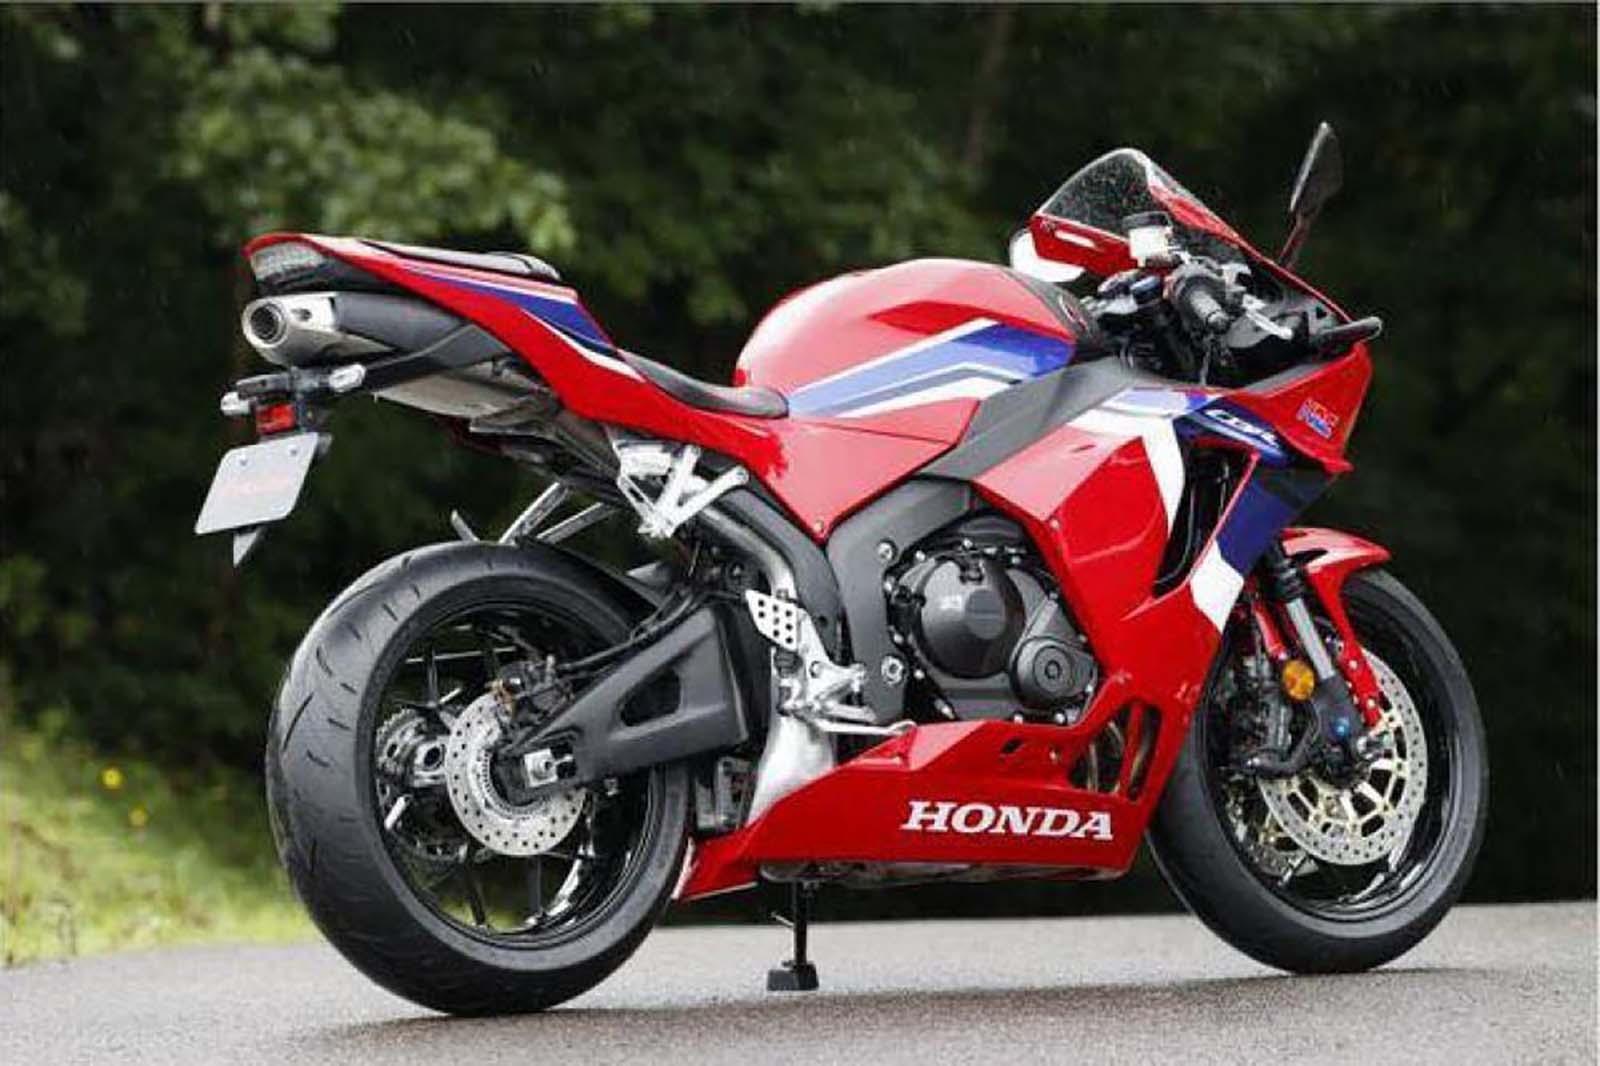 Еще фото нового Honda CBR600RR